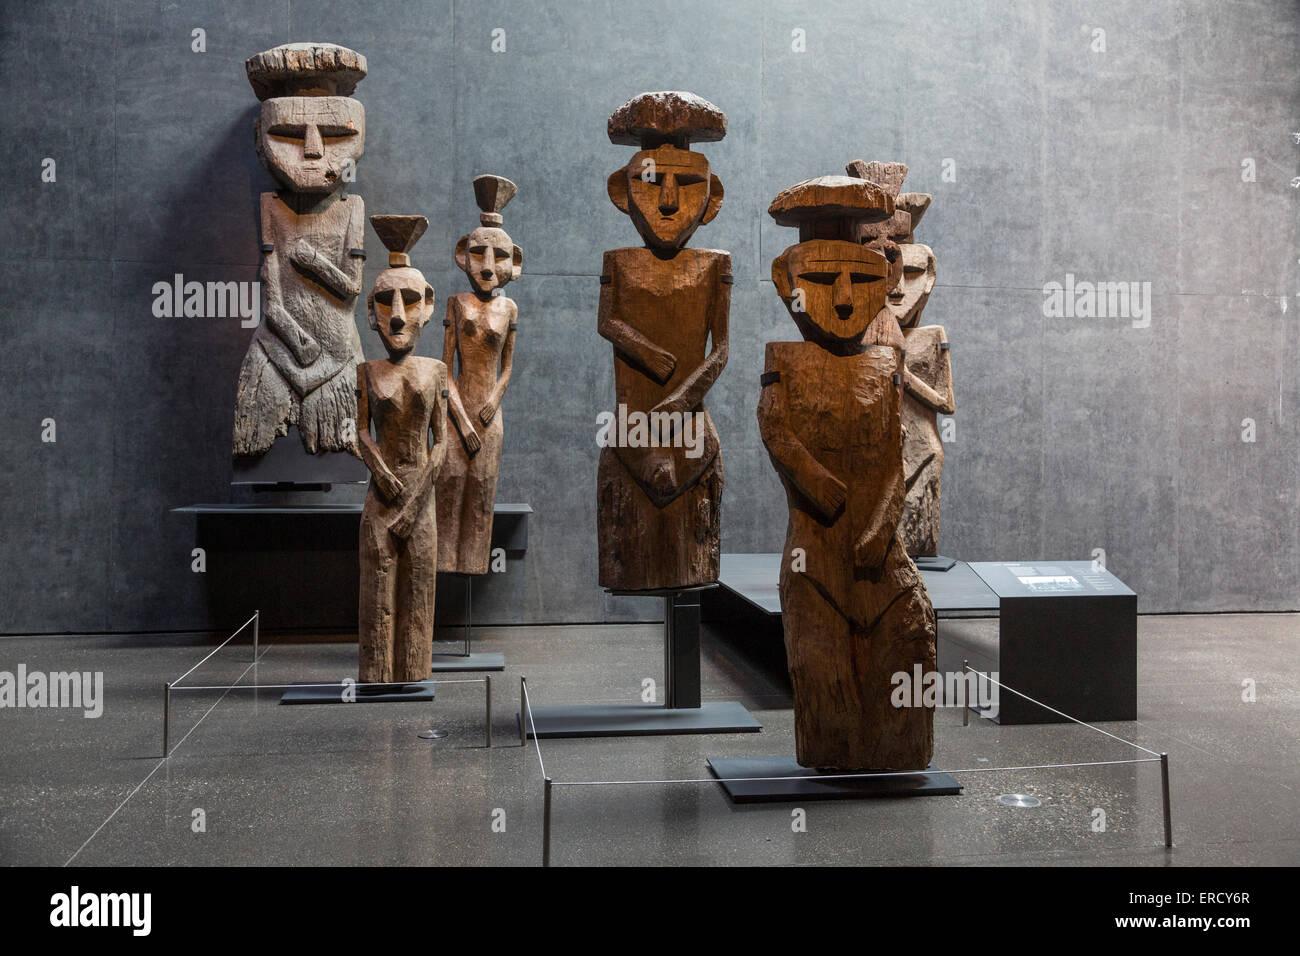 Chemamüll wooden statues, Museo Chileno de Arte Precolombino, Santiago, Chile - Stock Image